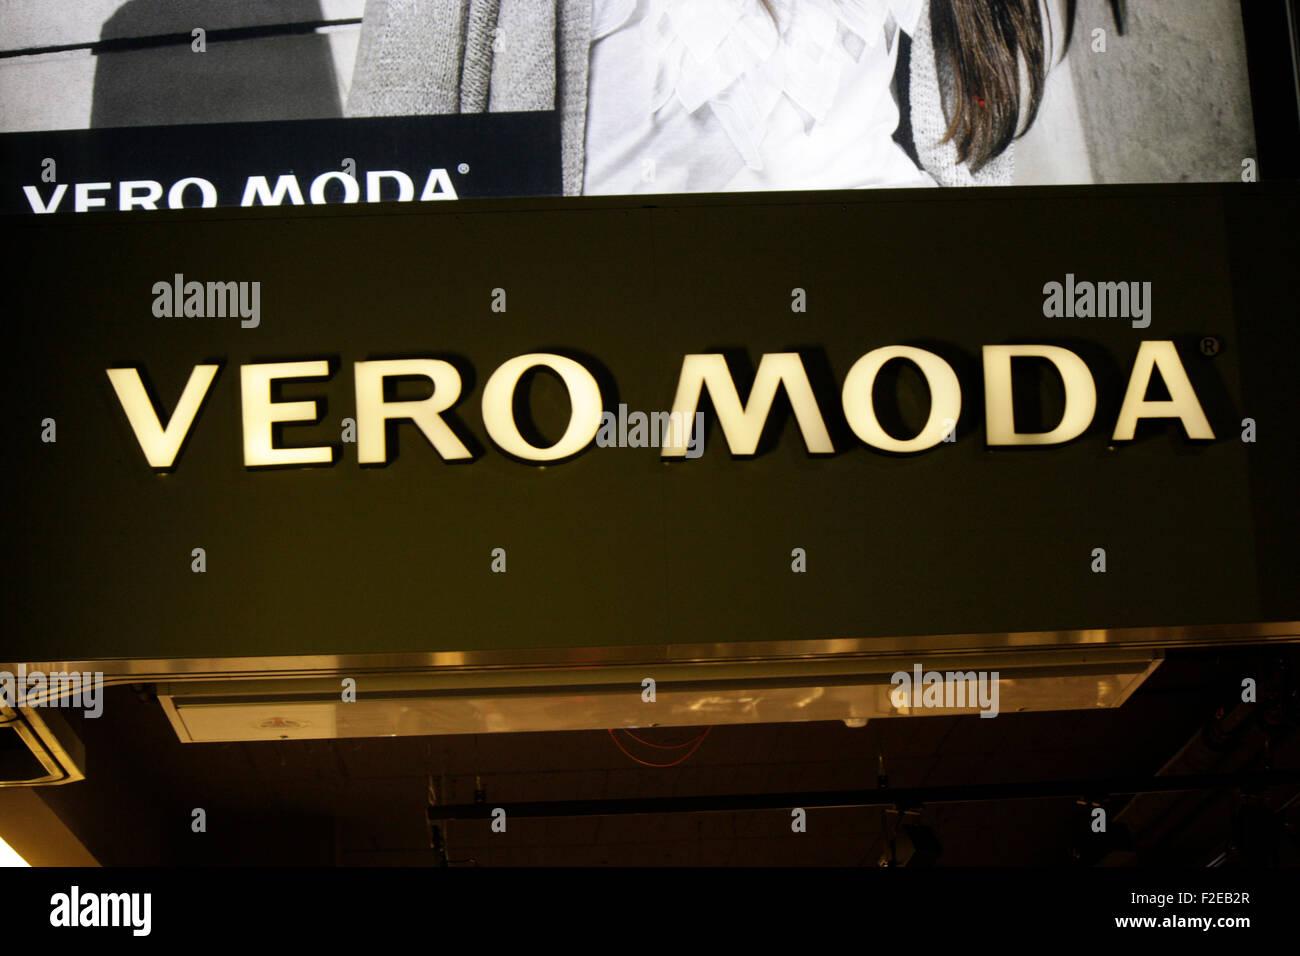 """Noviembre 2013 - Berlín: marcas: el logotipo del fabricante de ropa """"Vero Moda"""", Berlín. Imagen De Stock"""